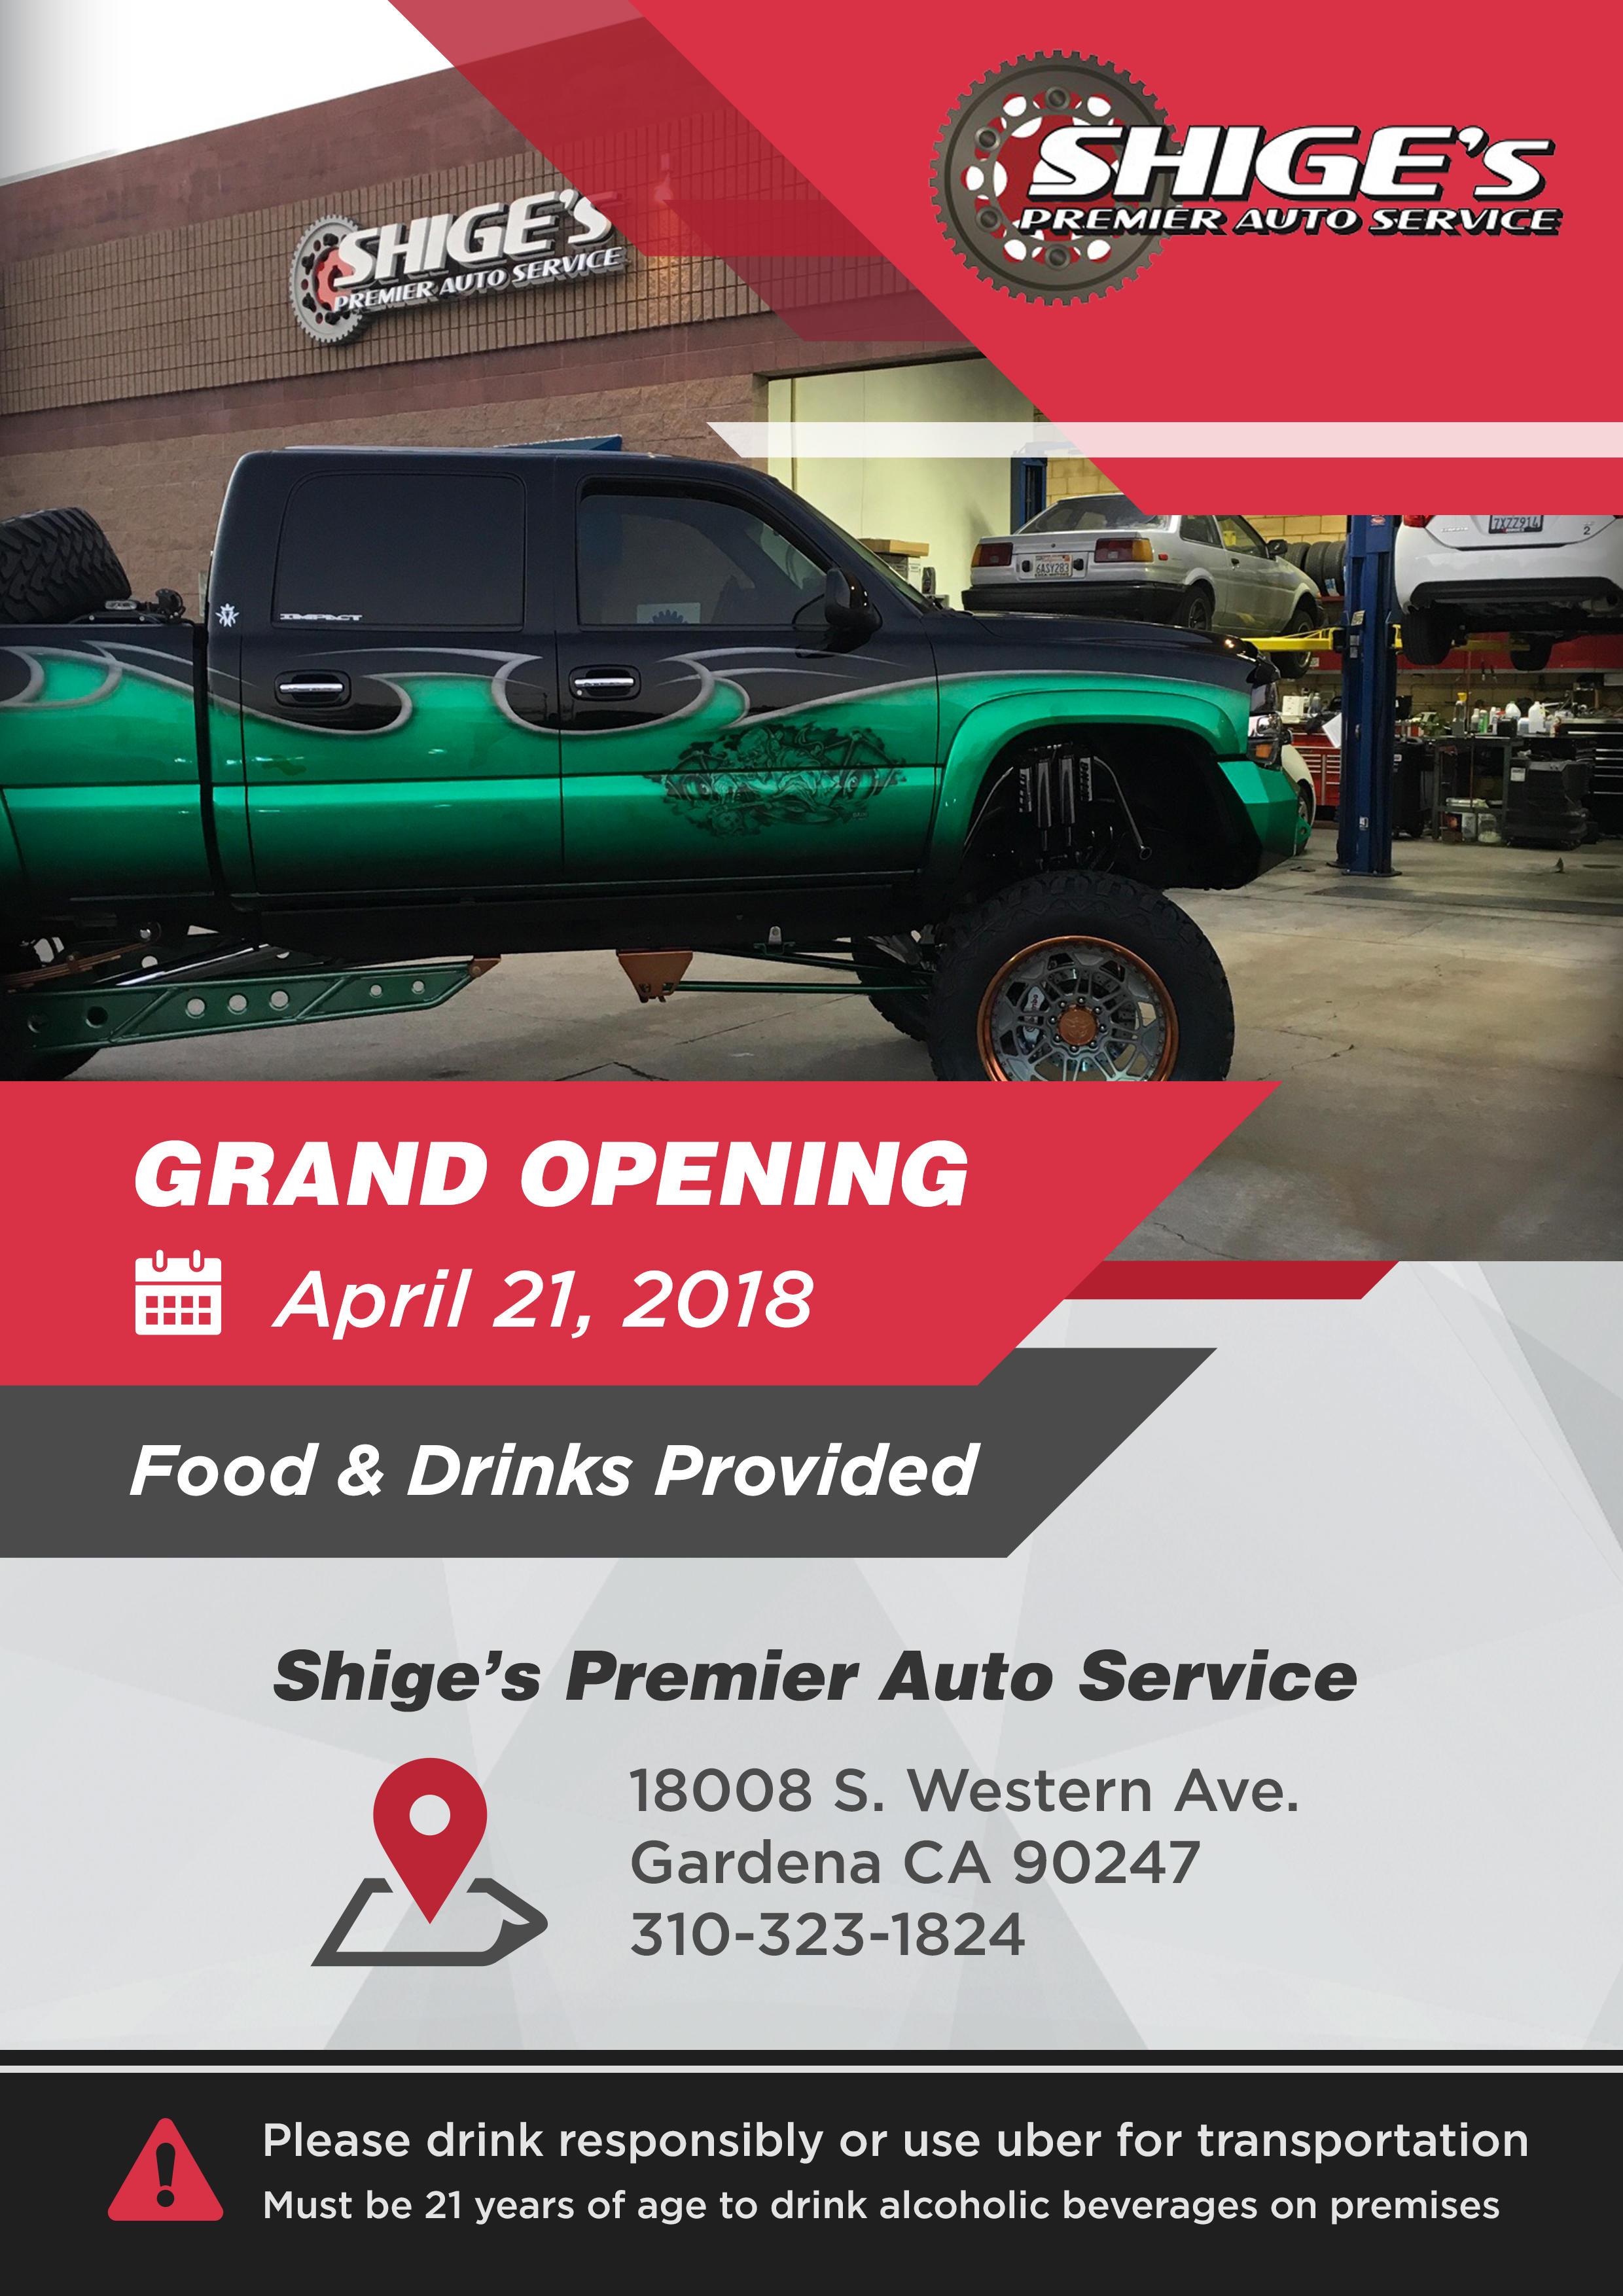 Shige's Premier Auto Service image 3